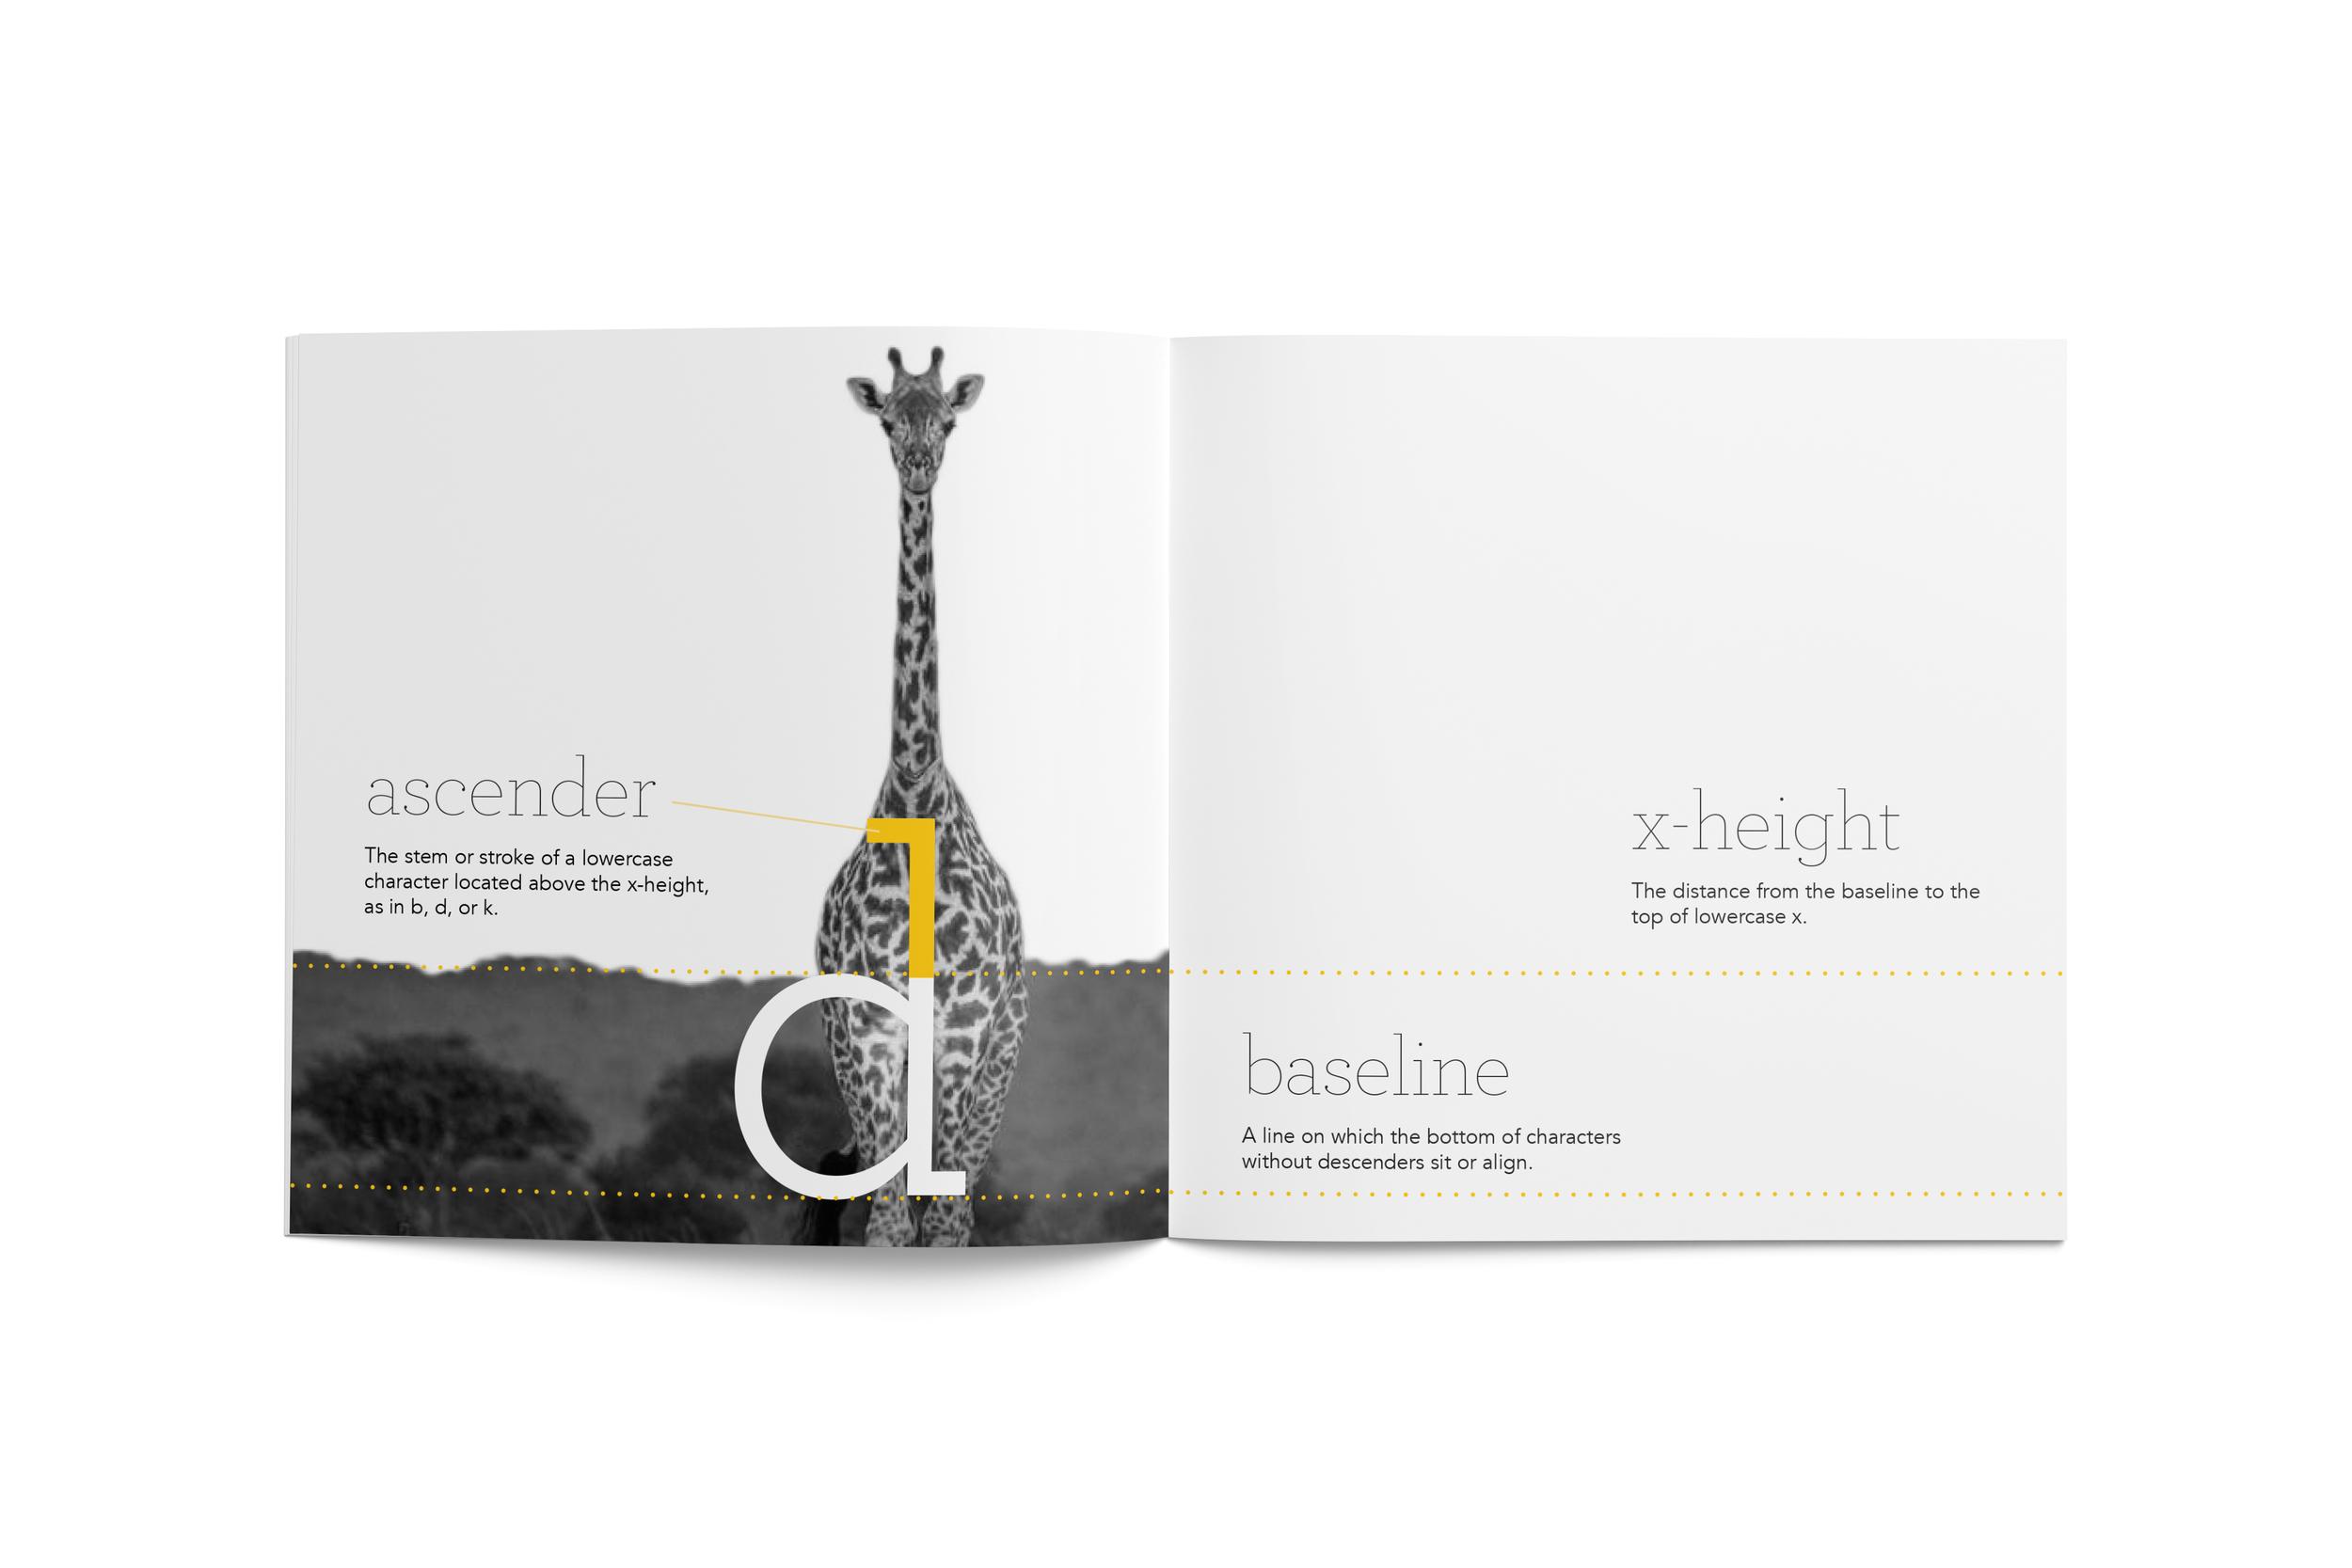 giraffe_Inside.jpg